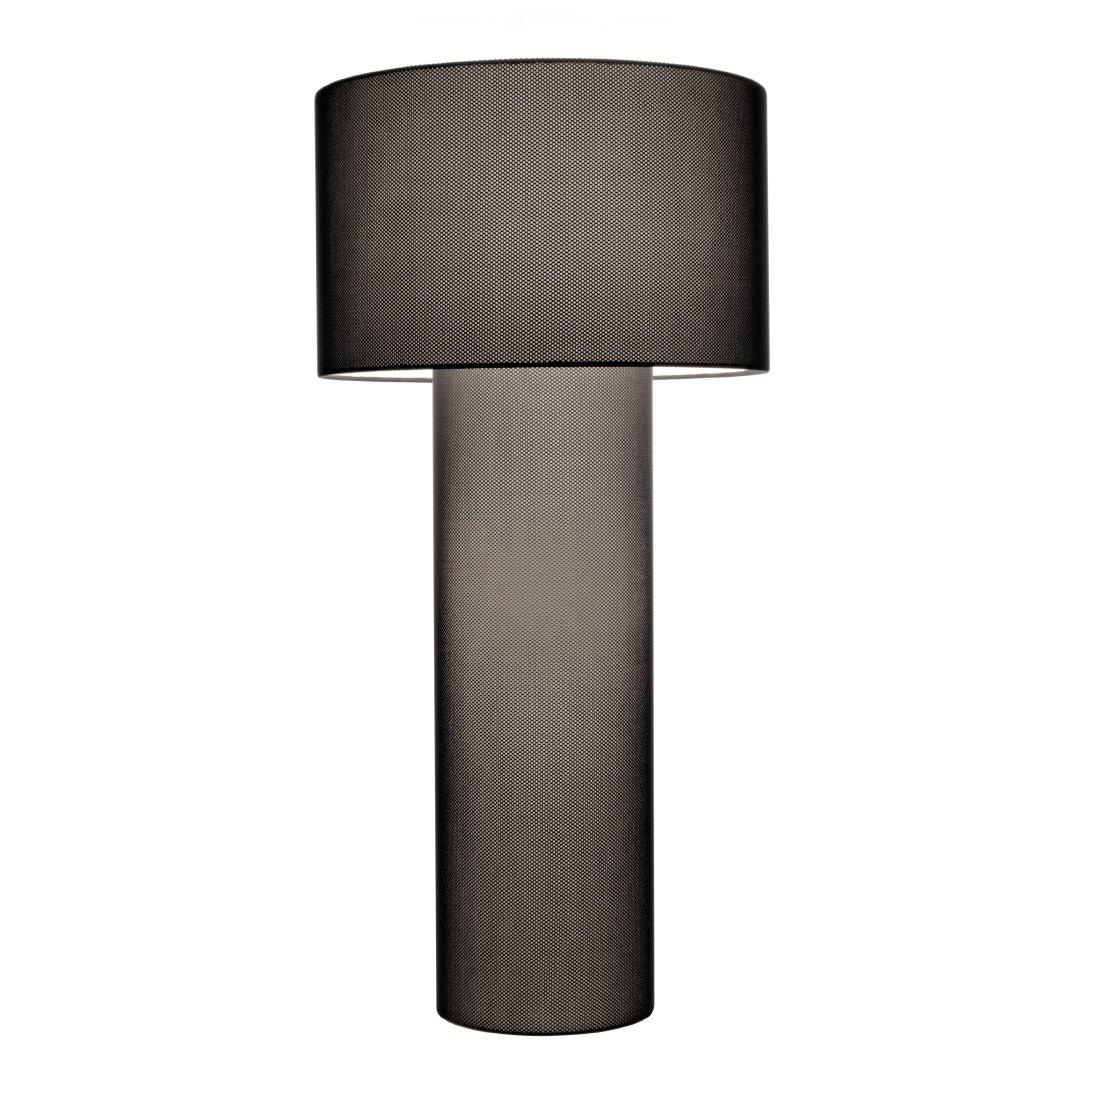 Pipe Vloerlamp M - Diesel